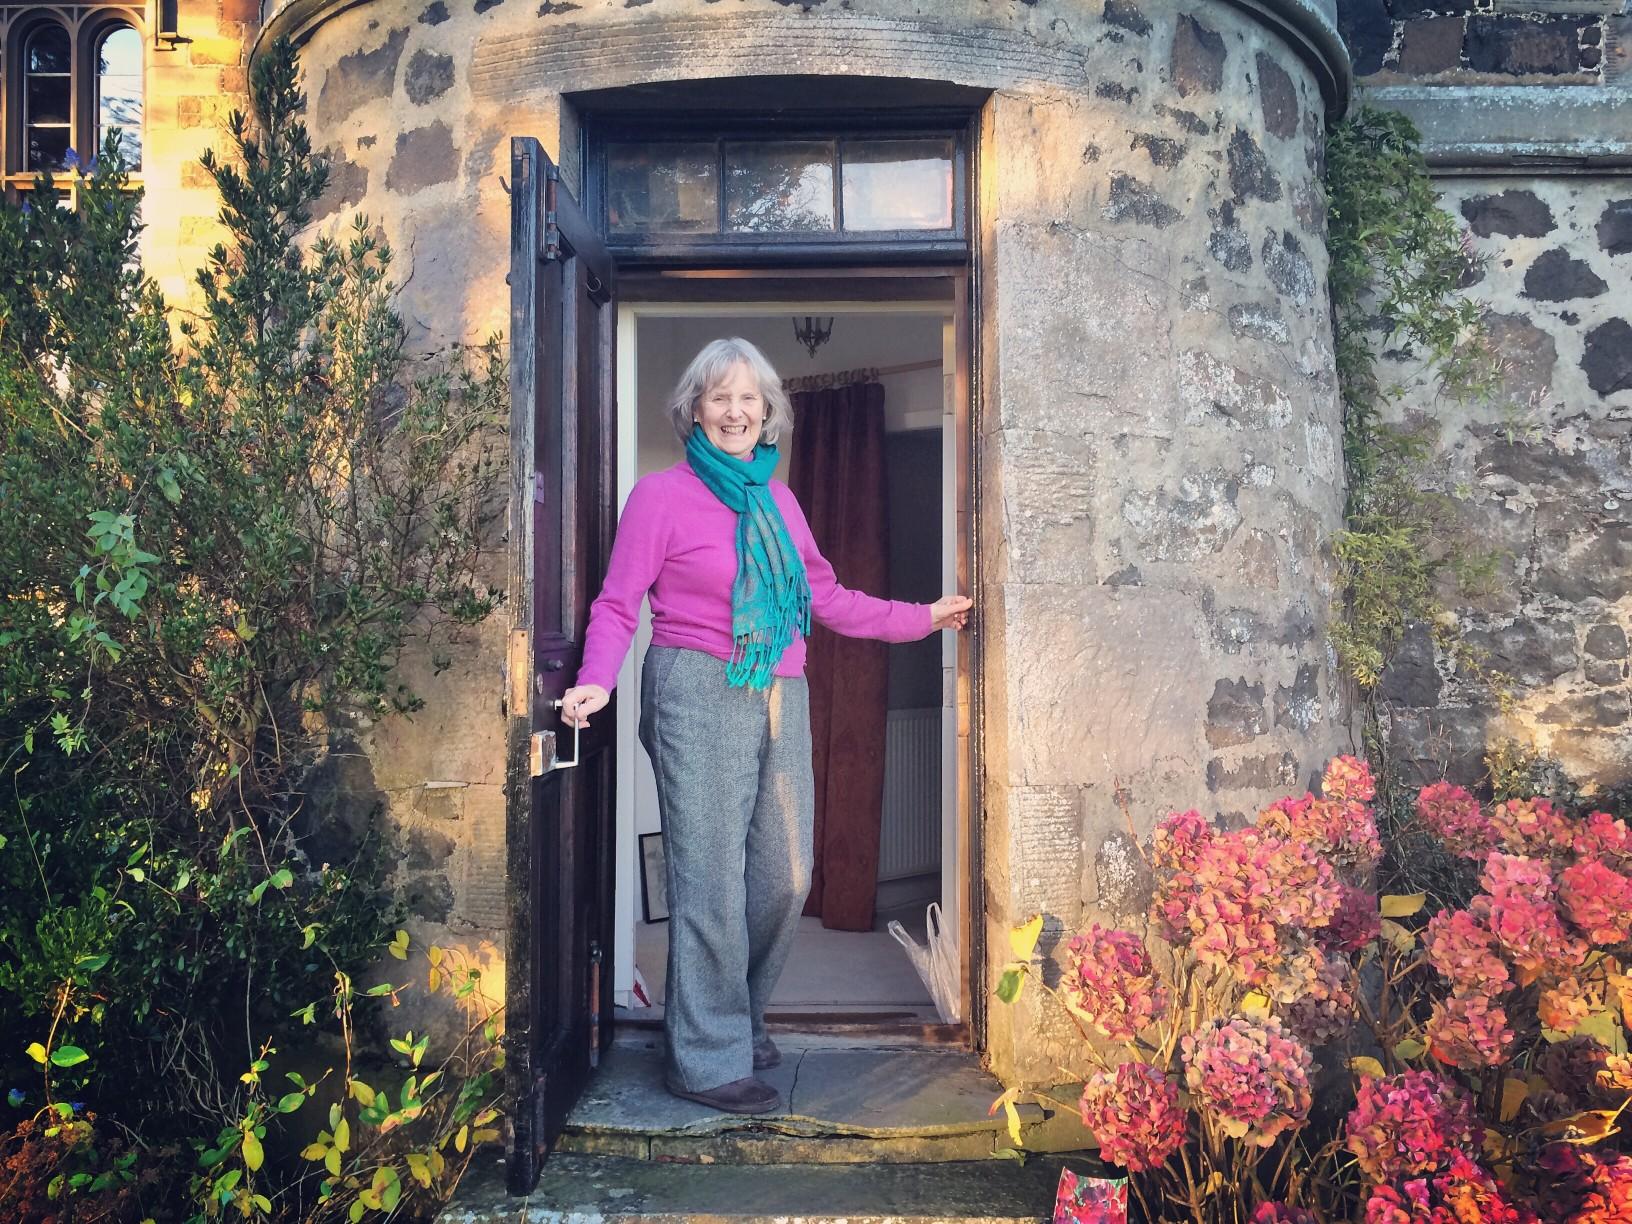 senior-woman-opening-door-to-her-home